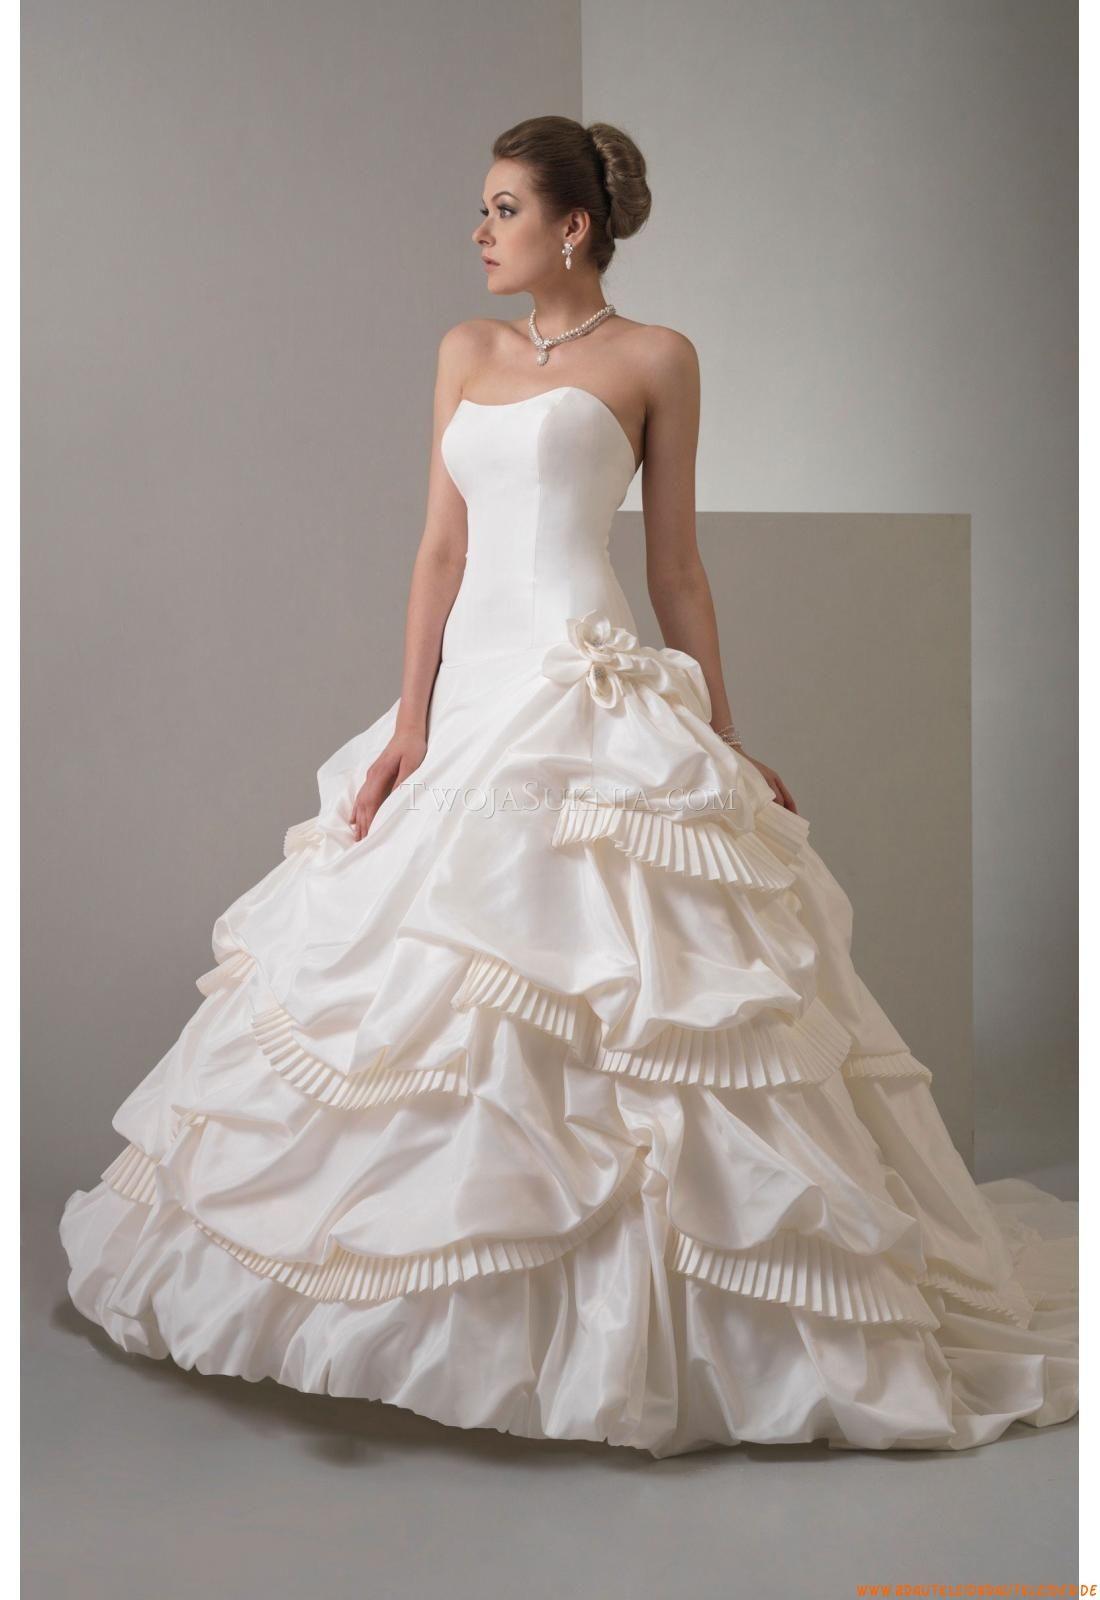 Knöchellang Günstige Brautkleider | populär Brautkleider | Pinterest ...